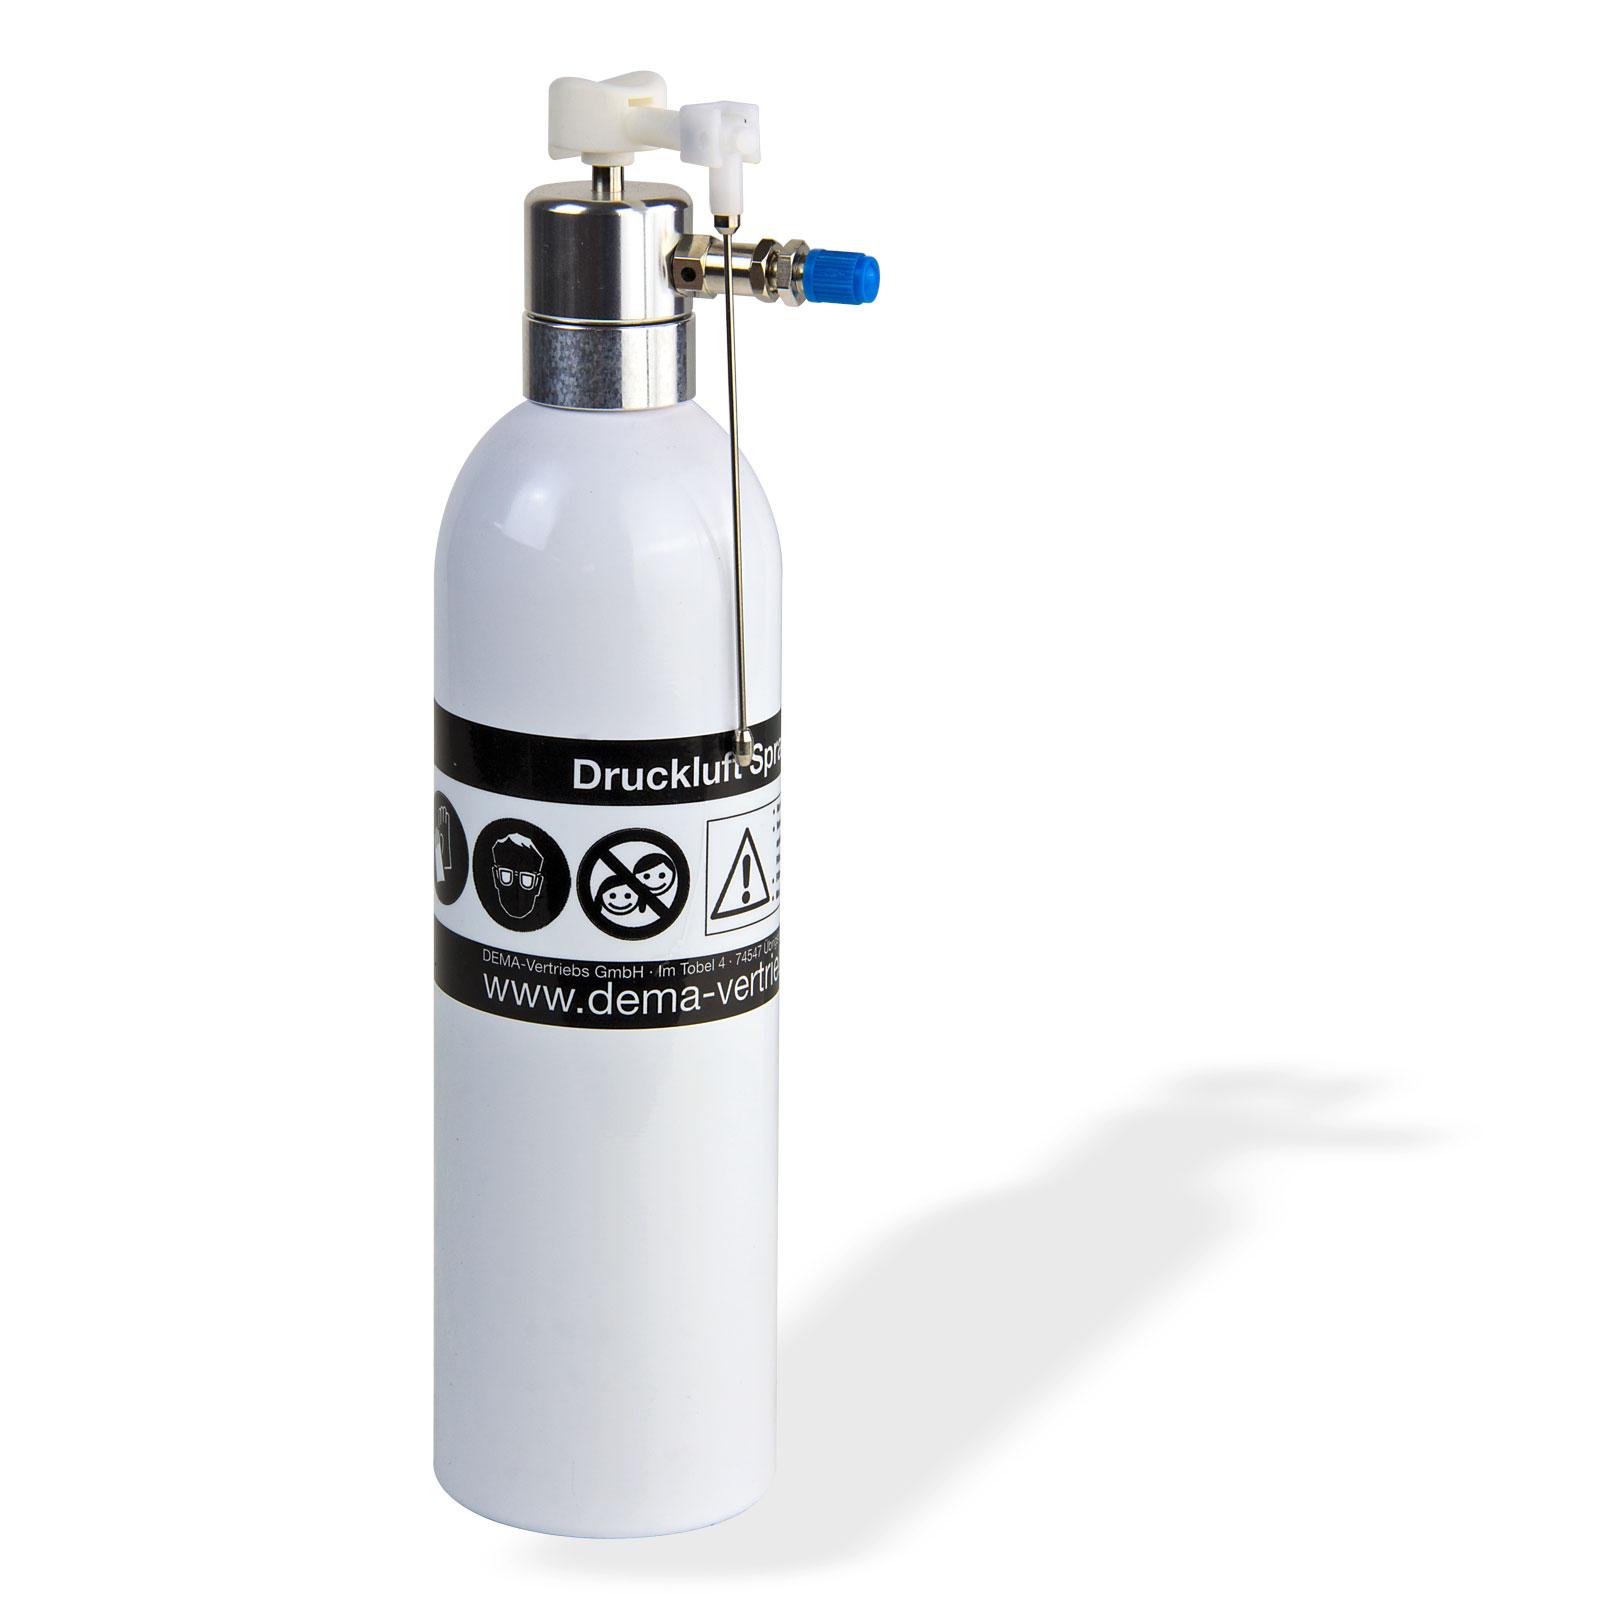 wiederbef llbare alu druckluft spraydose druckluftdose spr h flasche 600 ml. Black Bedroom Furniture Sets. Home Design Ideas